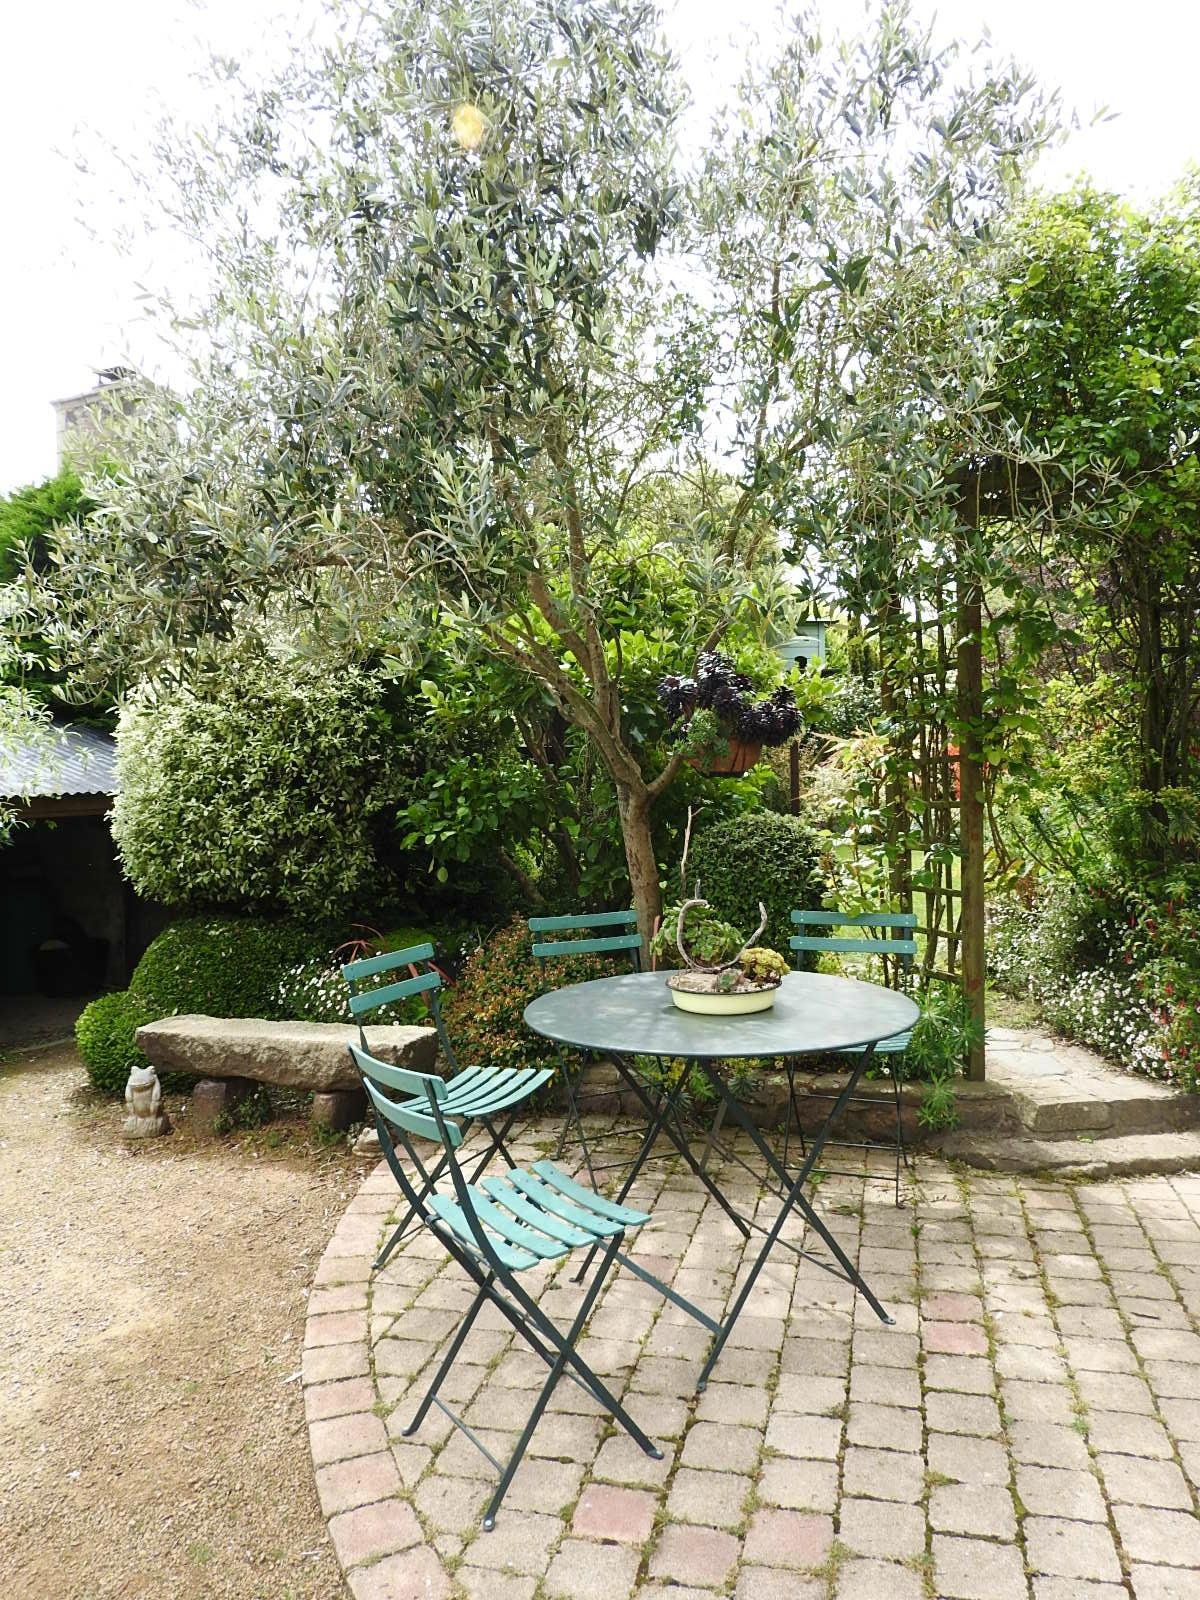 A Bientot Jardin De Babou - Coquelicot-Photos intérieur Table De Jardin Babou